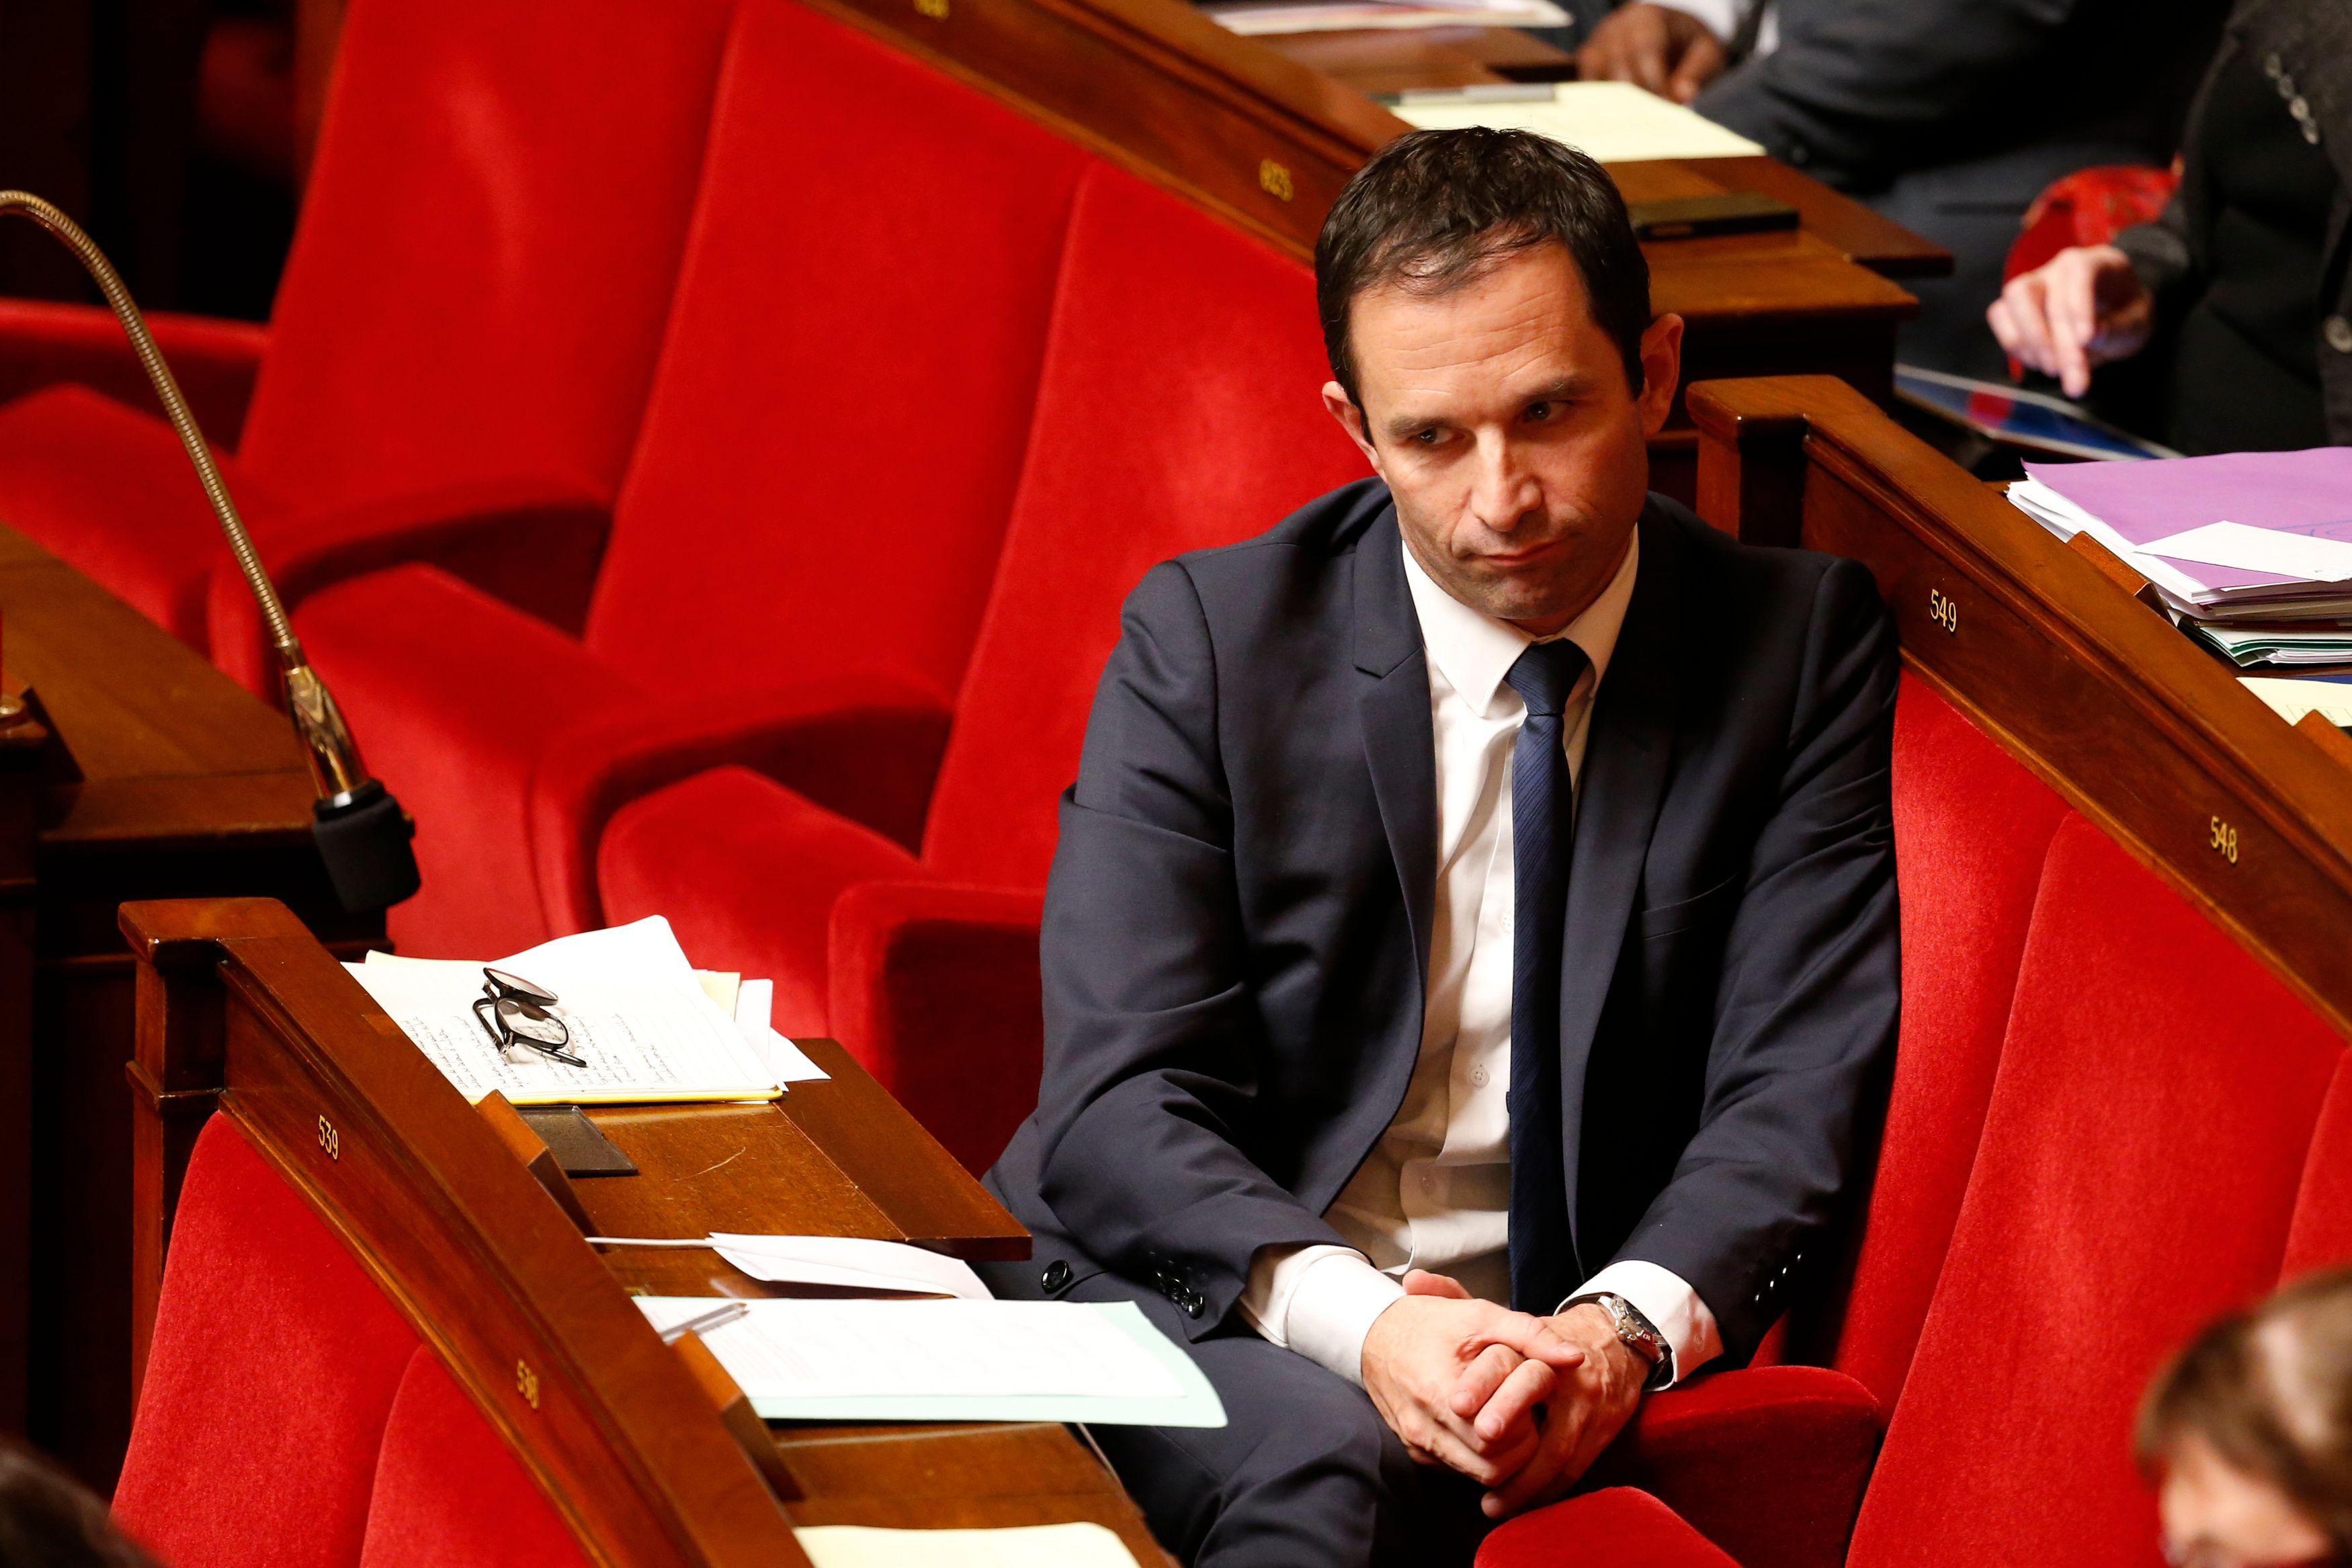 """Benoît Hamon pourrait présenter des """"excuses"""" sur la colonisation et craint un """"embrasement garanti des banlieues"""" si Marine Le Pen est élue"""